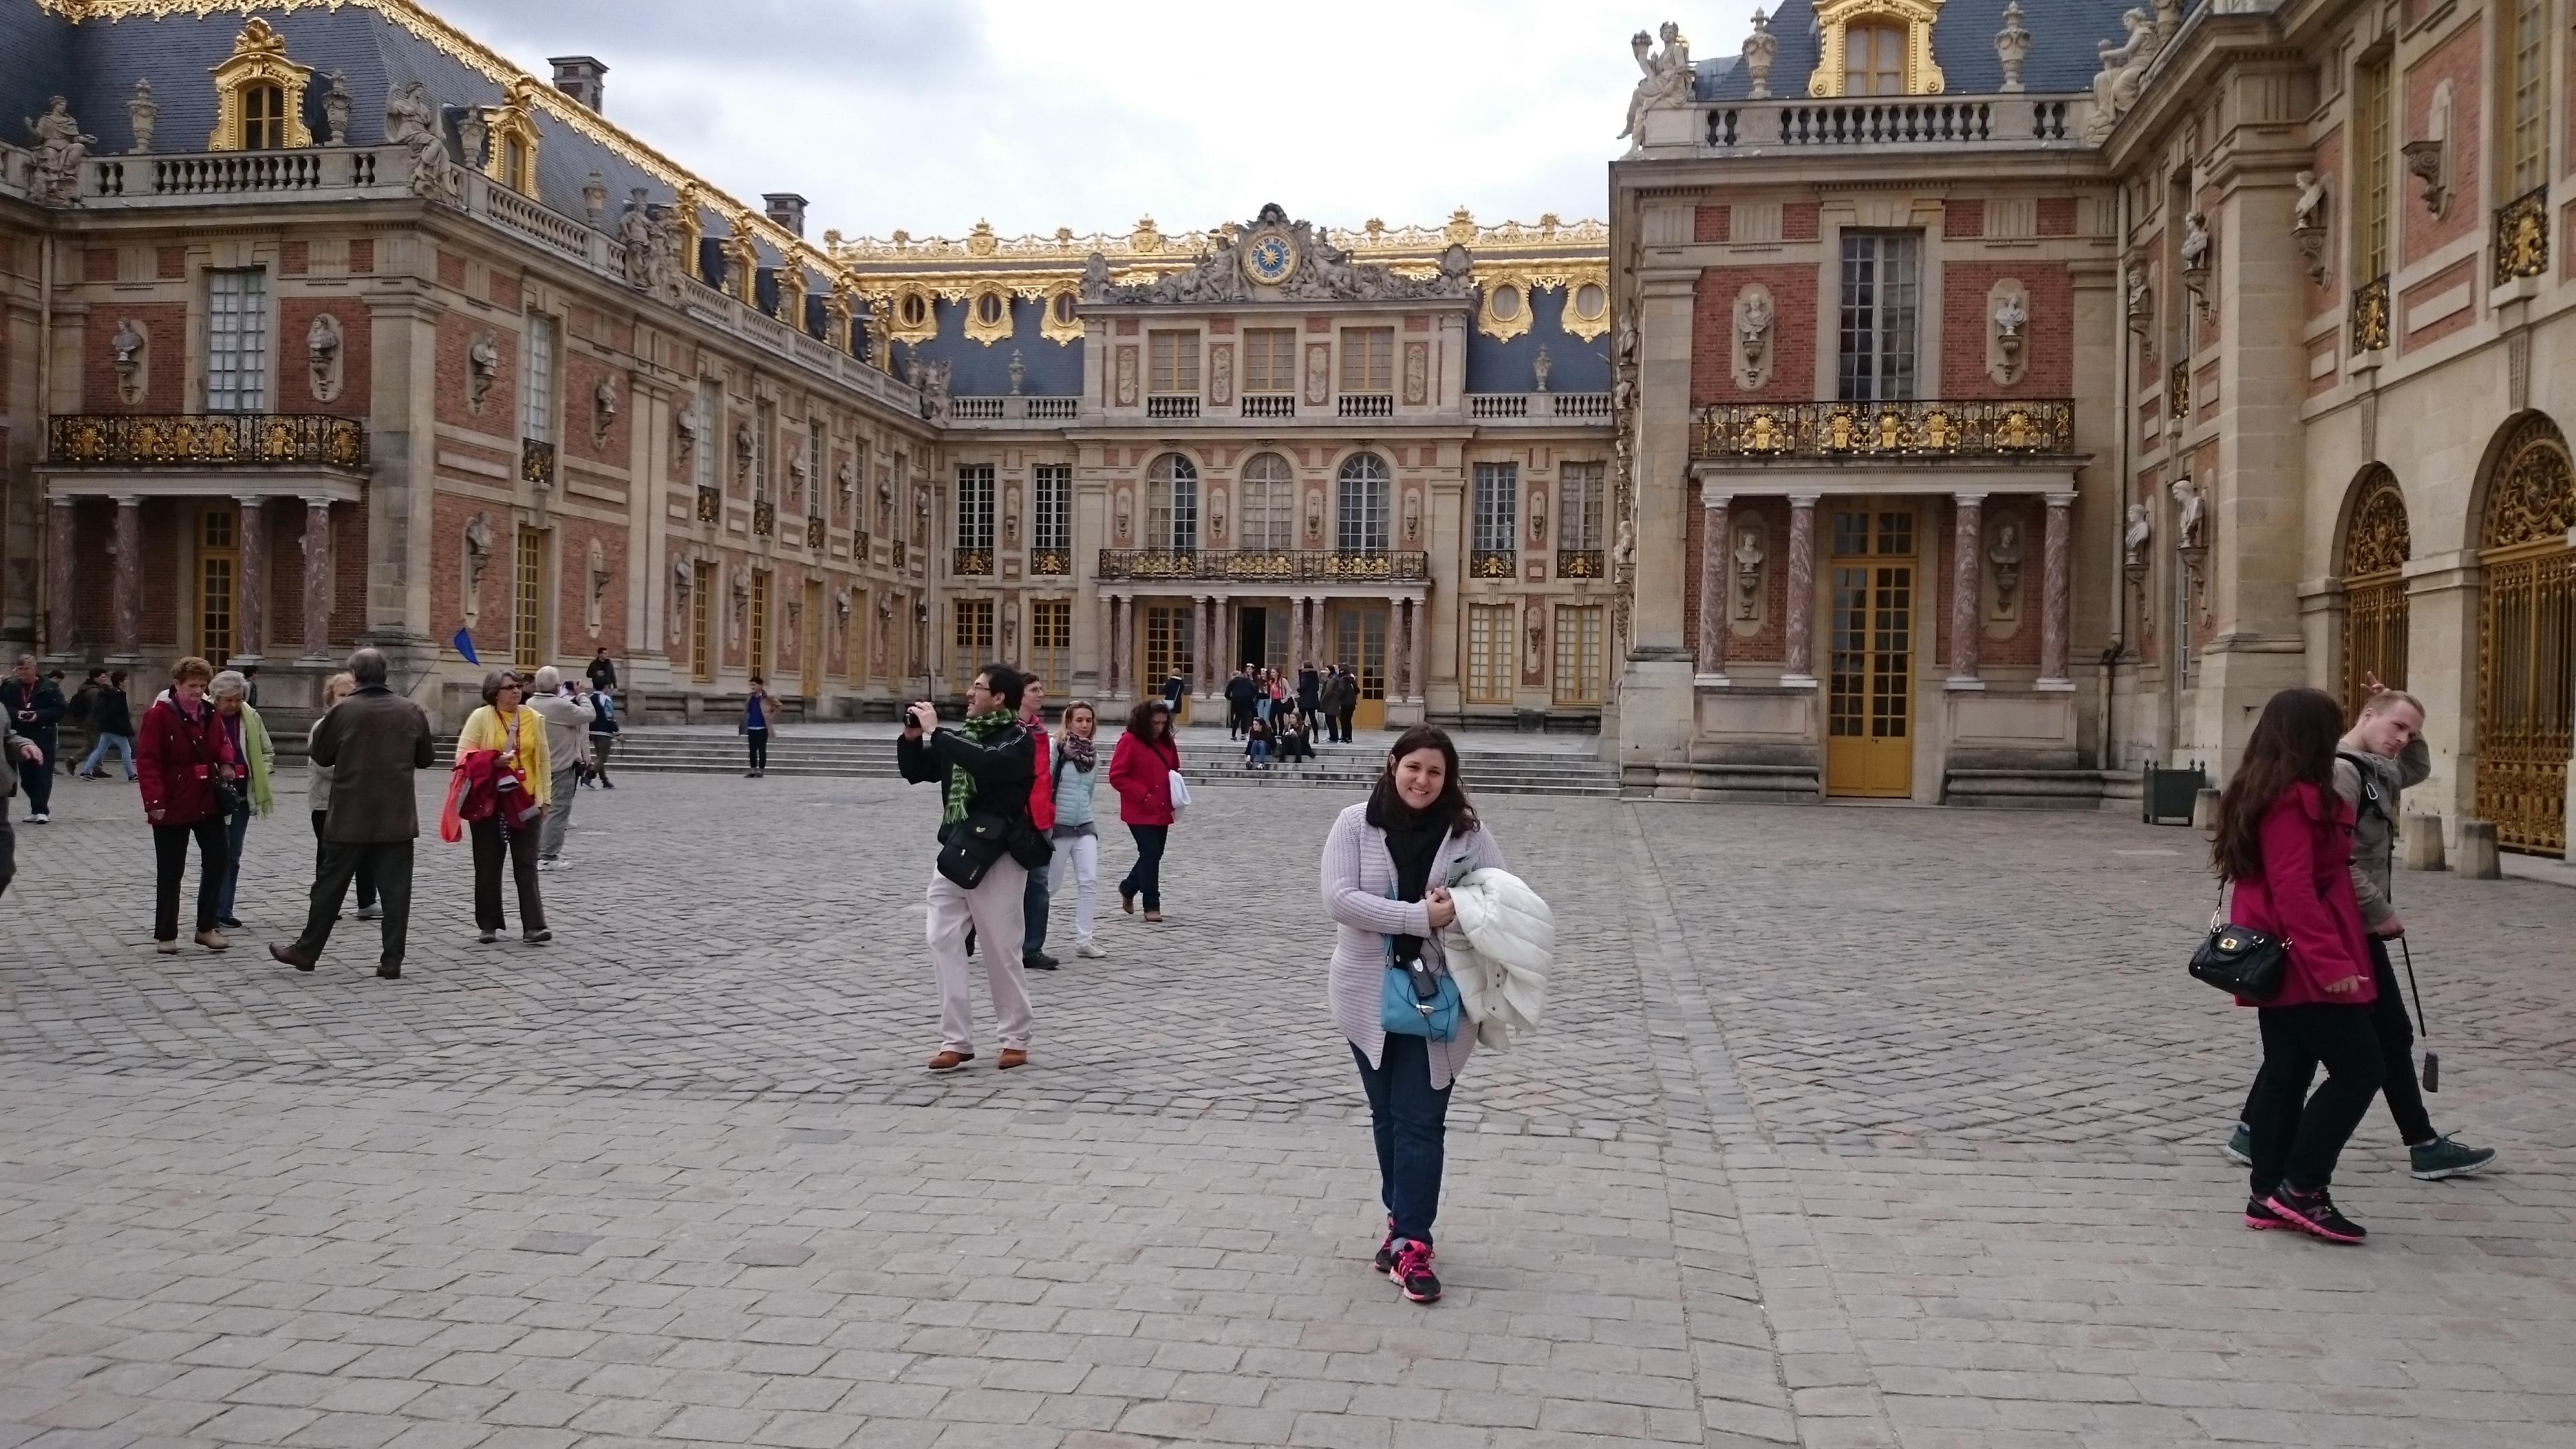 dsc 14371 - Visita al Palacio de Versalles: Como ir, cuanto cuesta y tips III/III